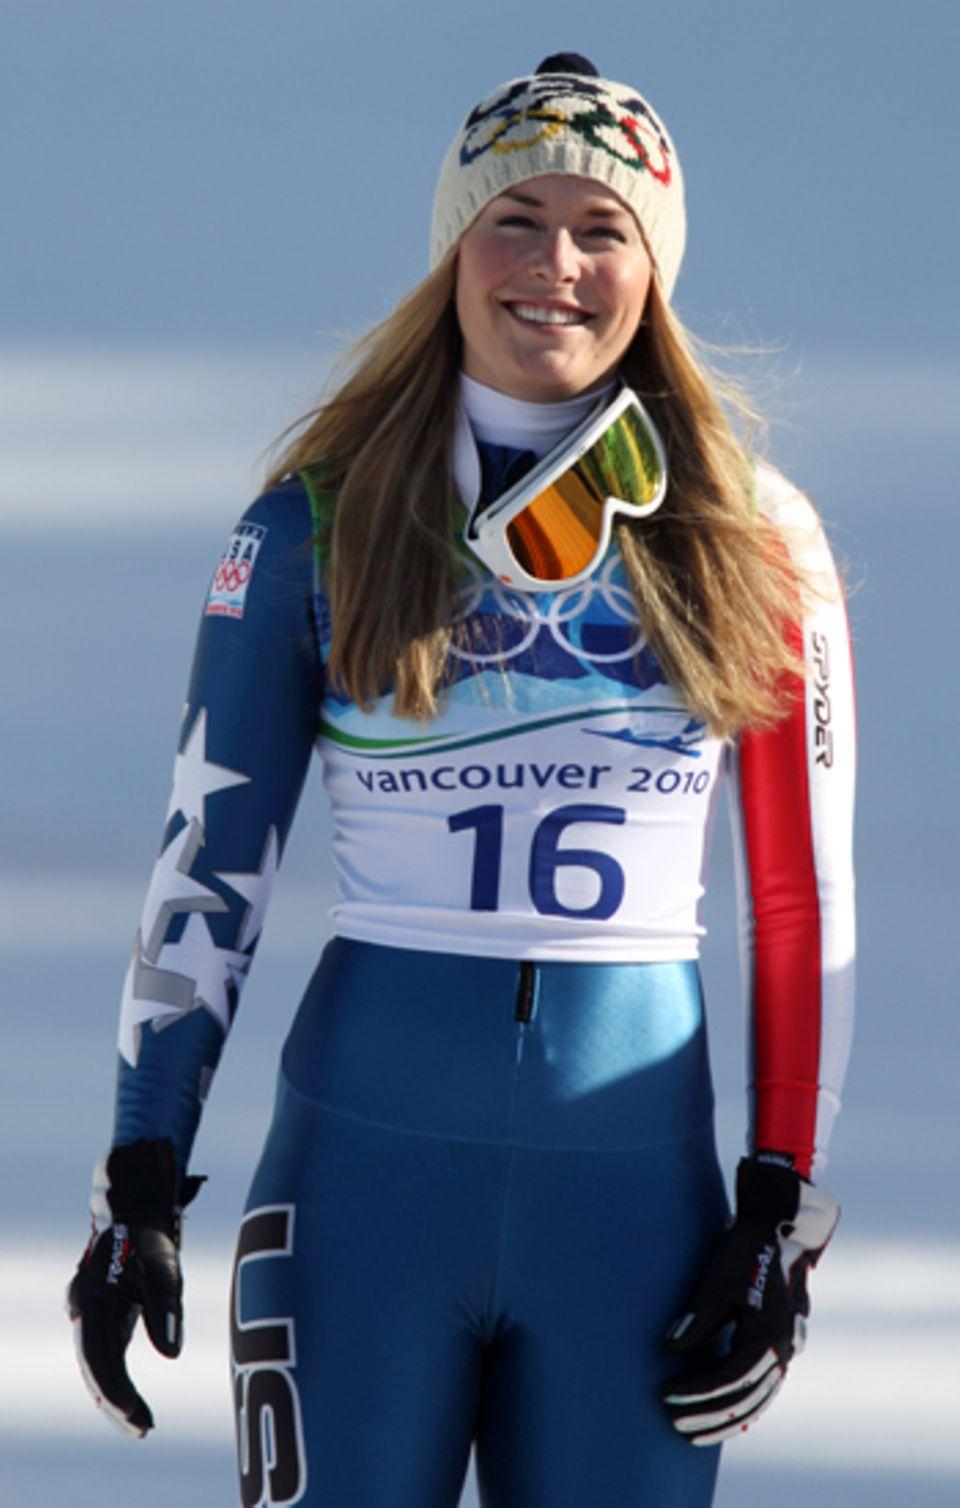 Sexiest Athlete - Lindsey Vonn